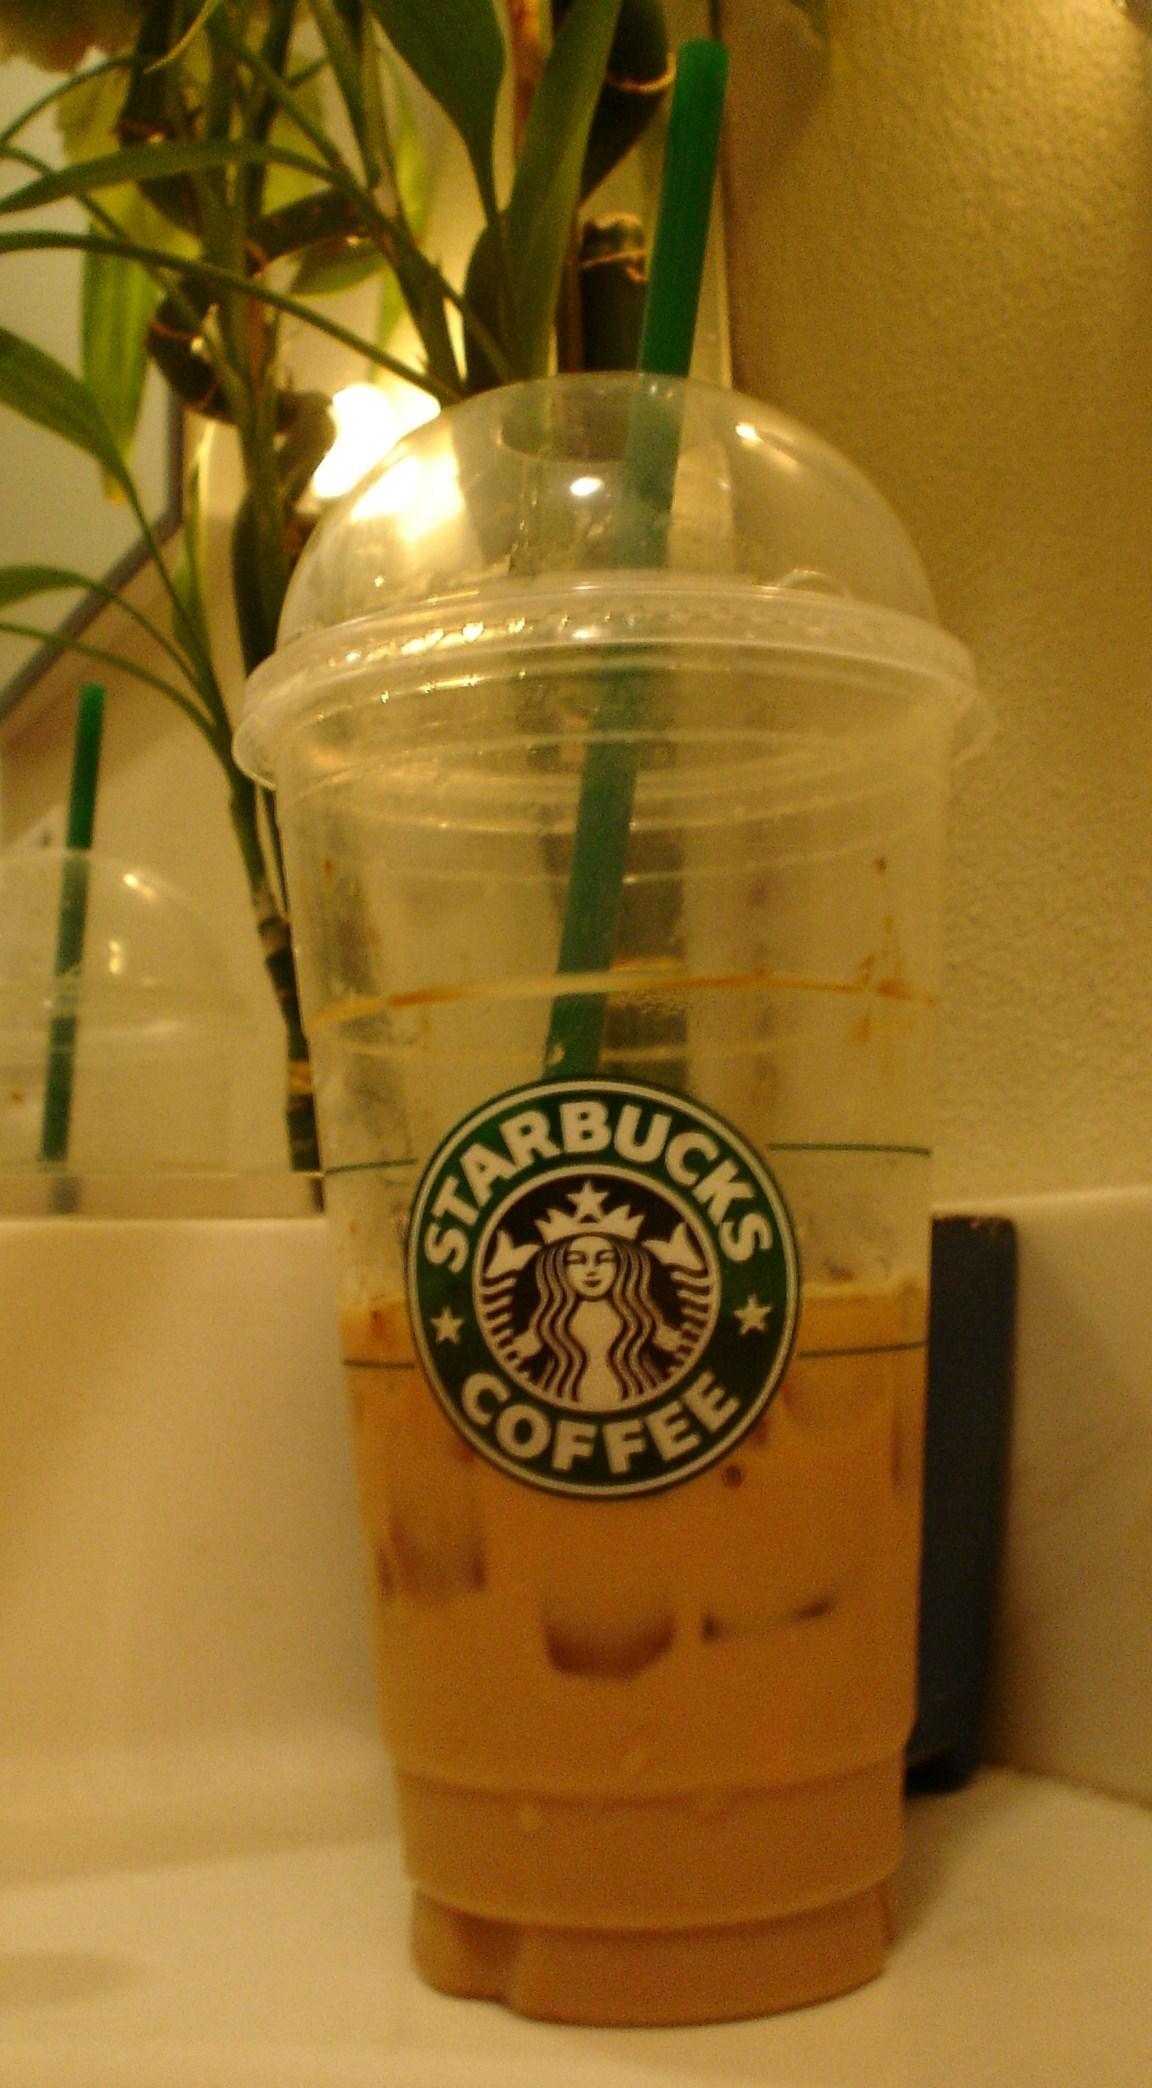 Venti Vanilla Latte Iced Starbucks Foto 2343387 Fanpop